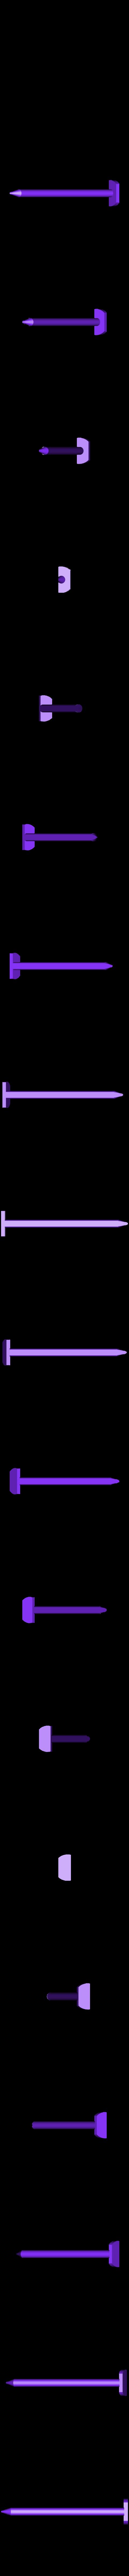 Caulk_Tube_Nail_Plug_-_Horz.stl Télécharger fichier STL gratuit Bouchon à clou pour tube de calfeutrage • Design imprimable en 3D, Mr_Tantrum